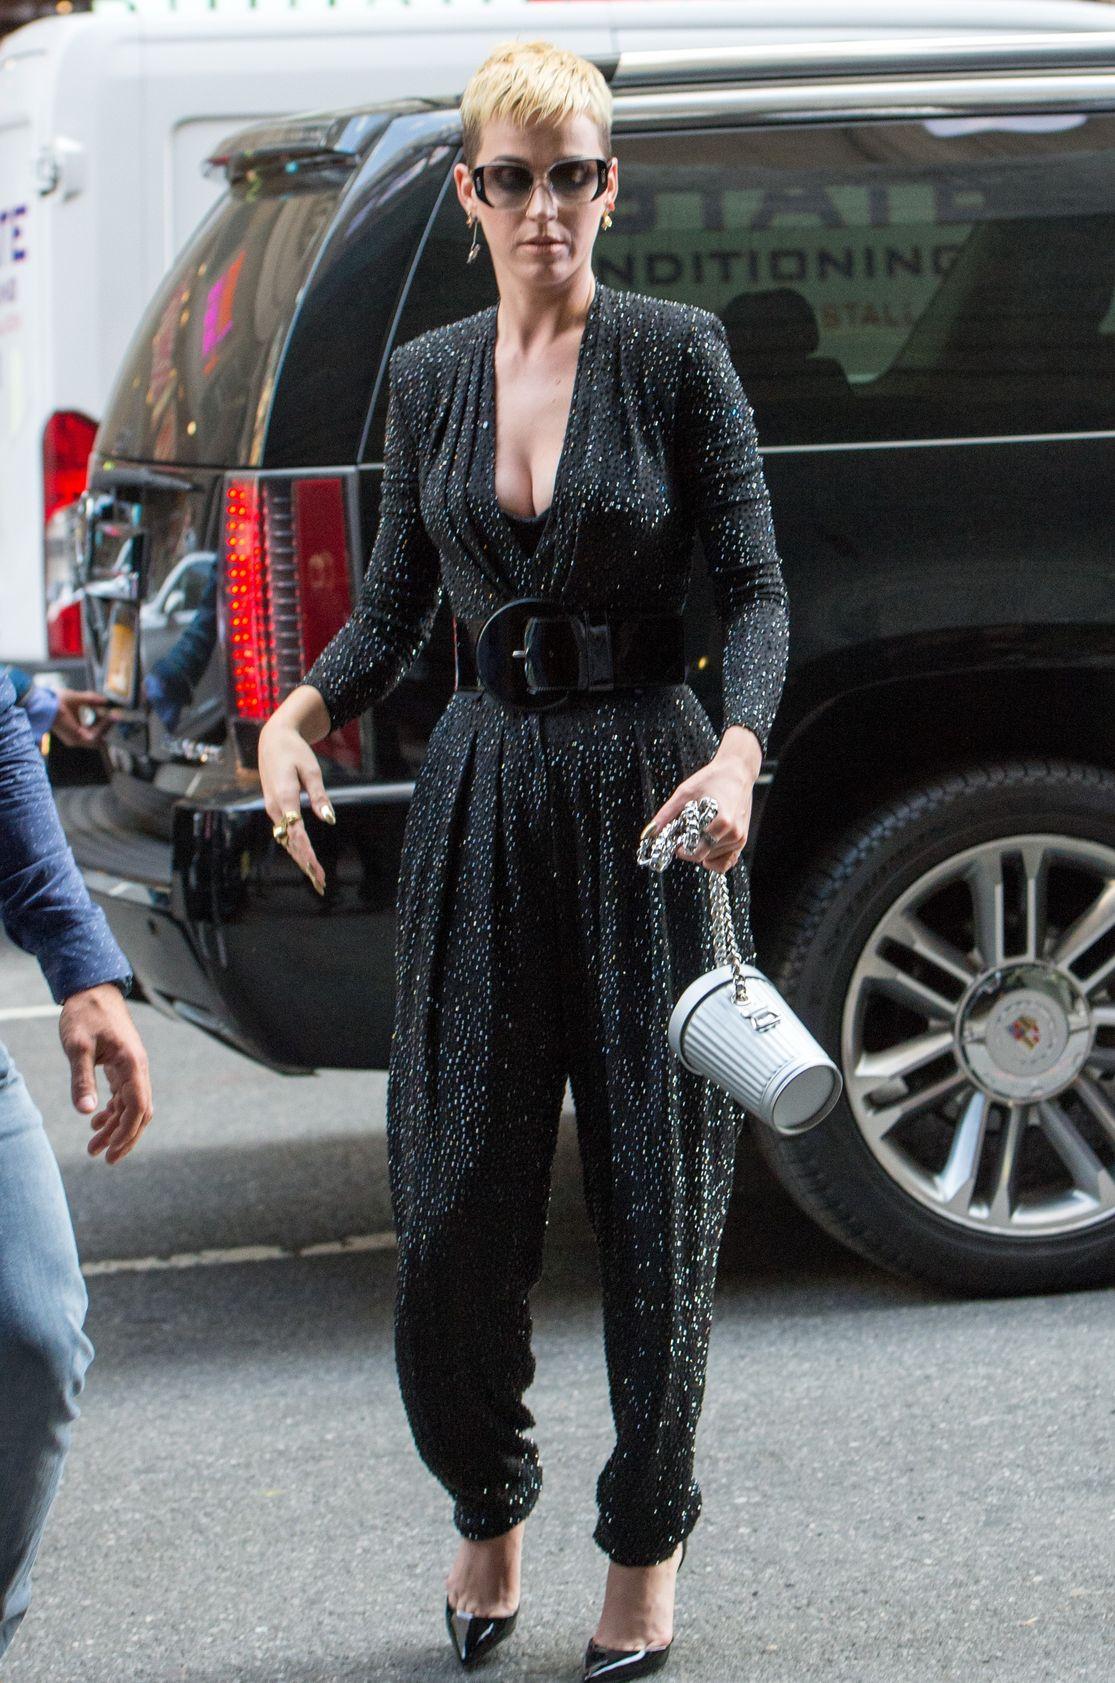 Derin göğüs dekolteli sexy elbisesi ile görüntülenen Katy Perry yine çok büyüleyiciydi. Ünlü kadınların sokak giyimi. Seksi giyinen kadınların kıyafet tercihleri